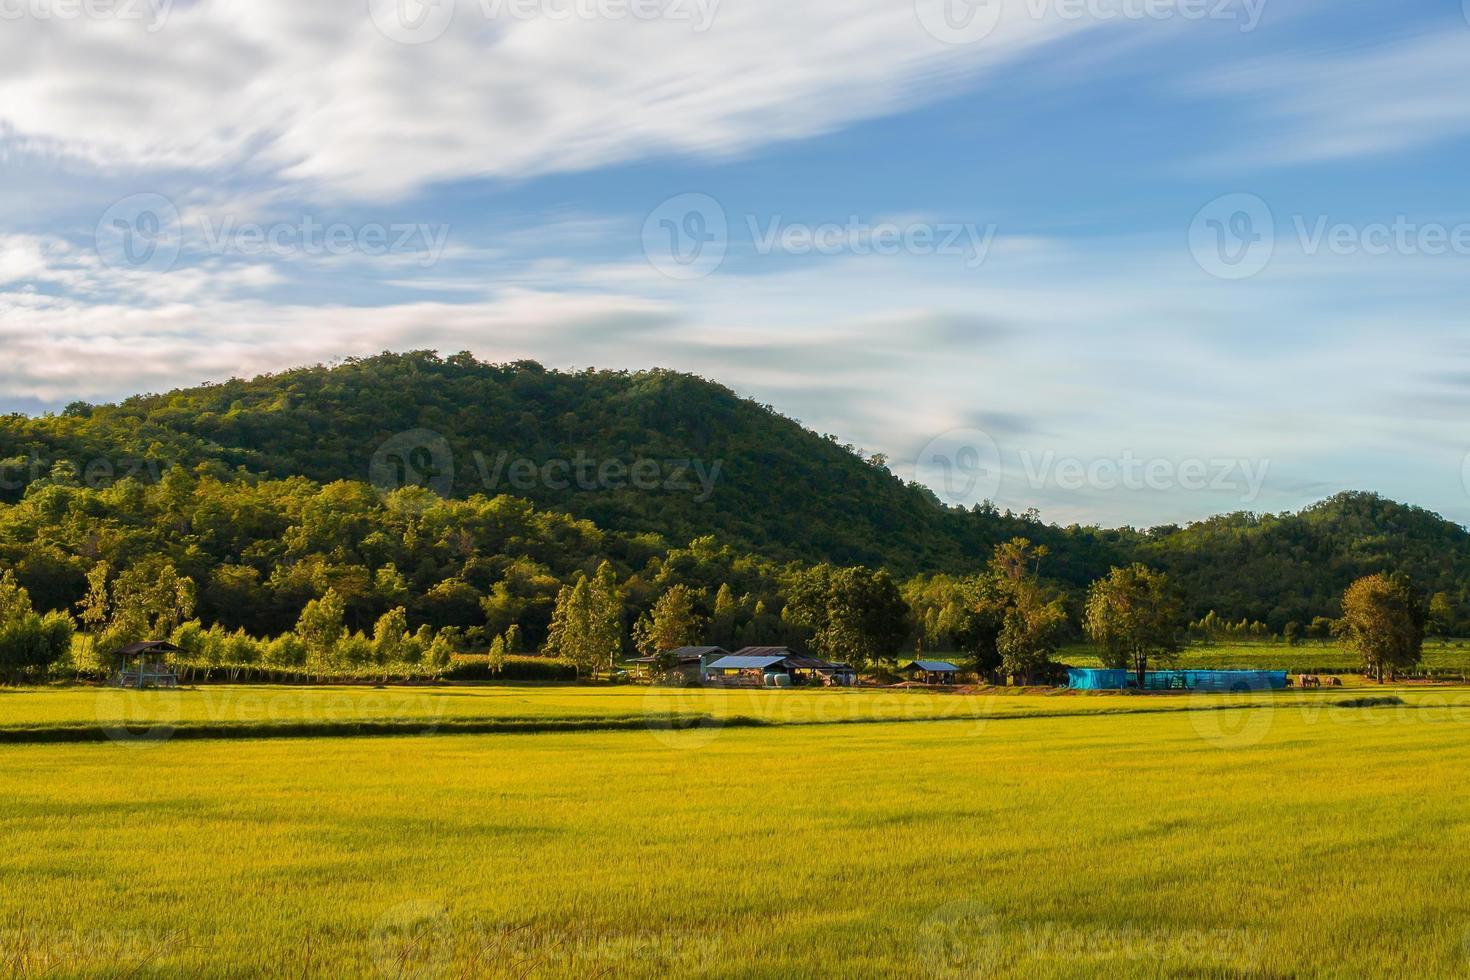 campagna di uthai thani, thailandia foto